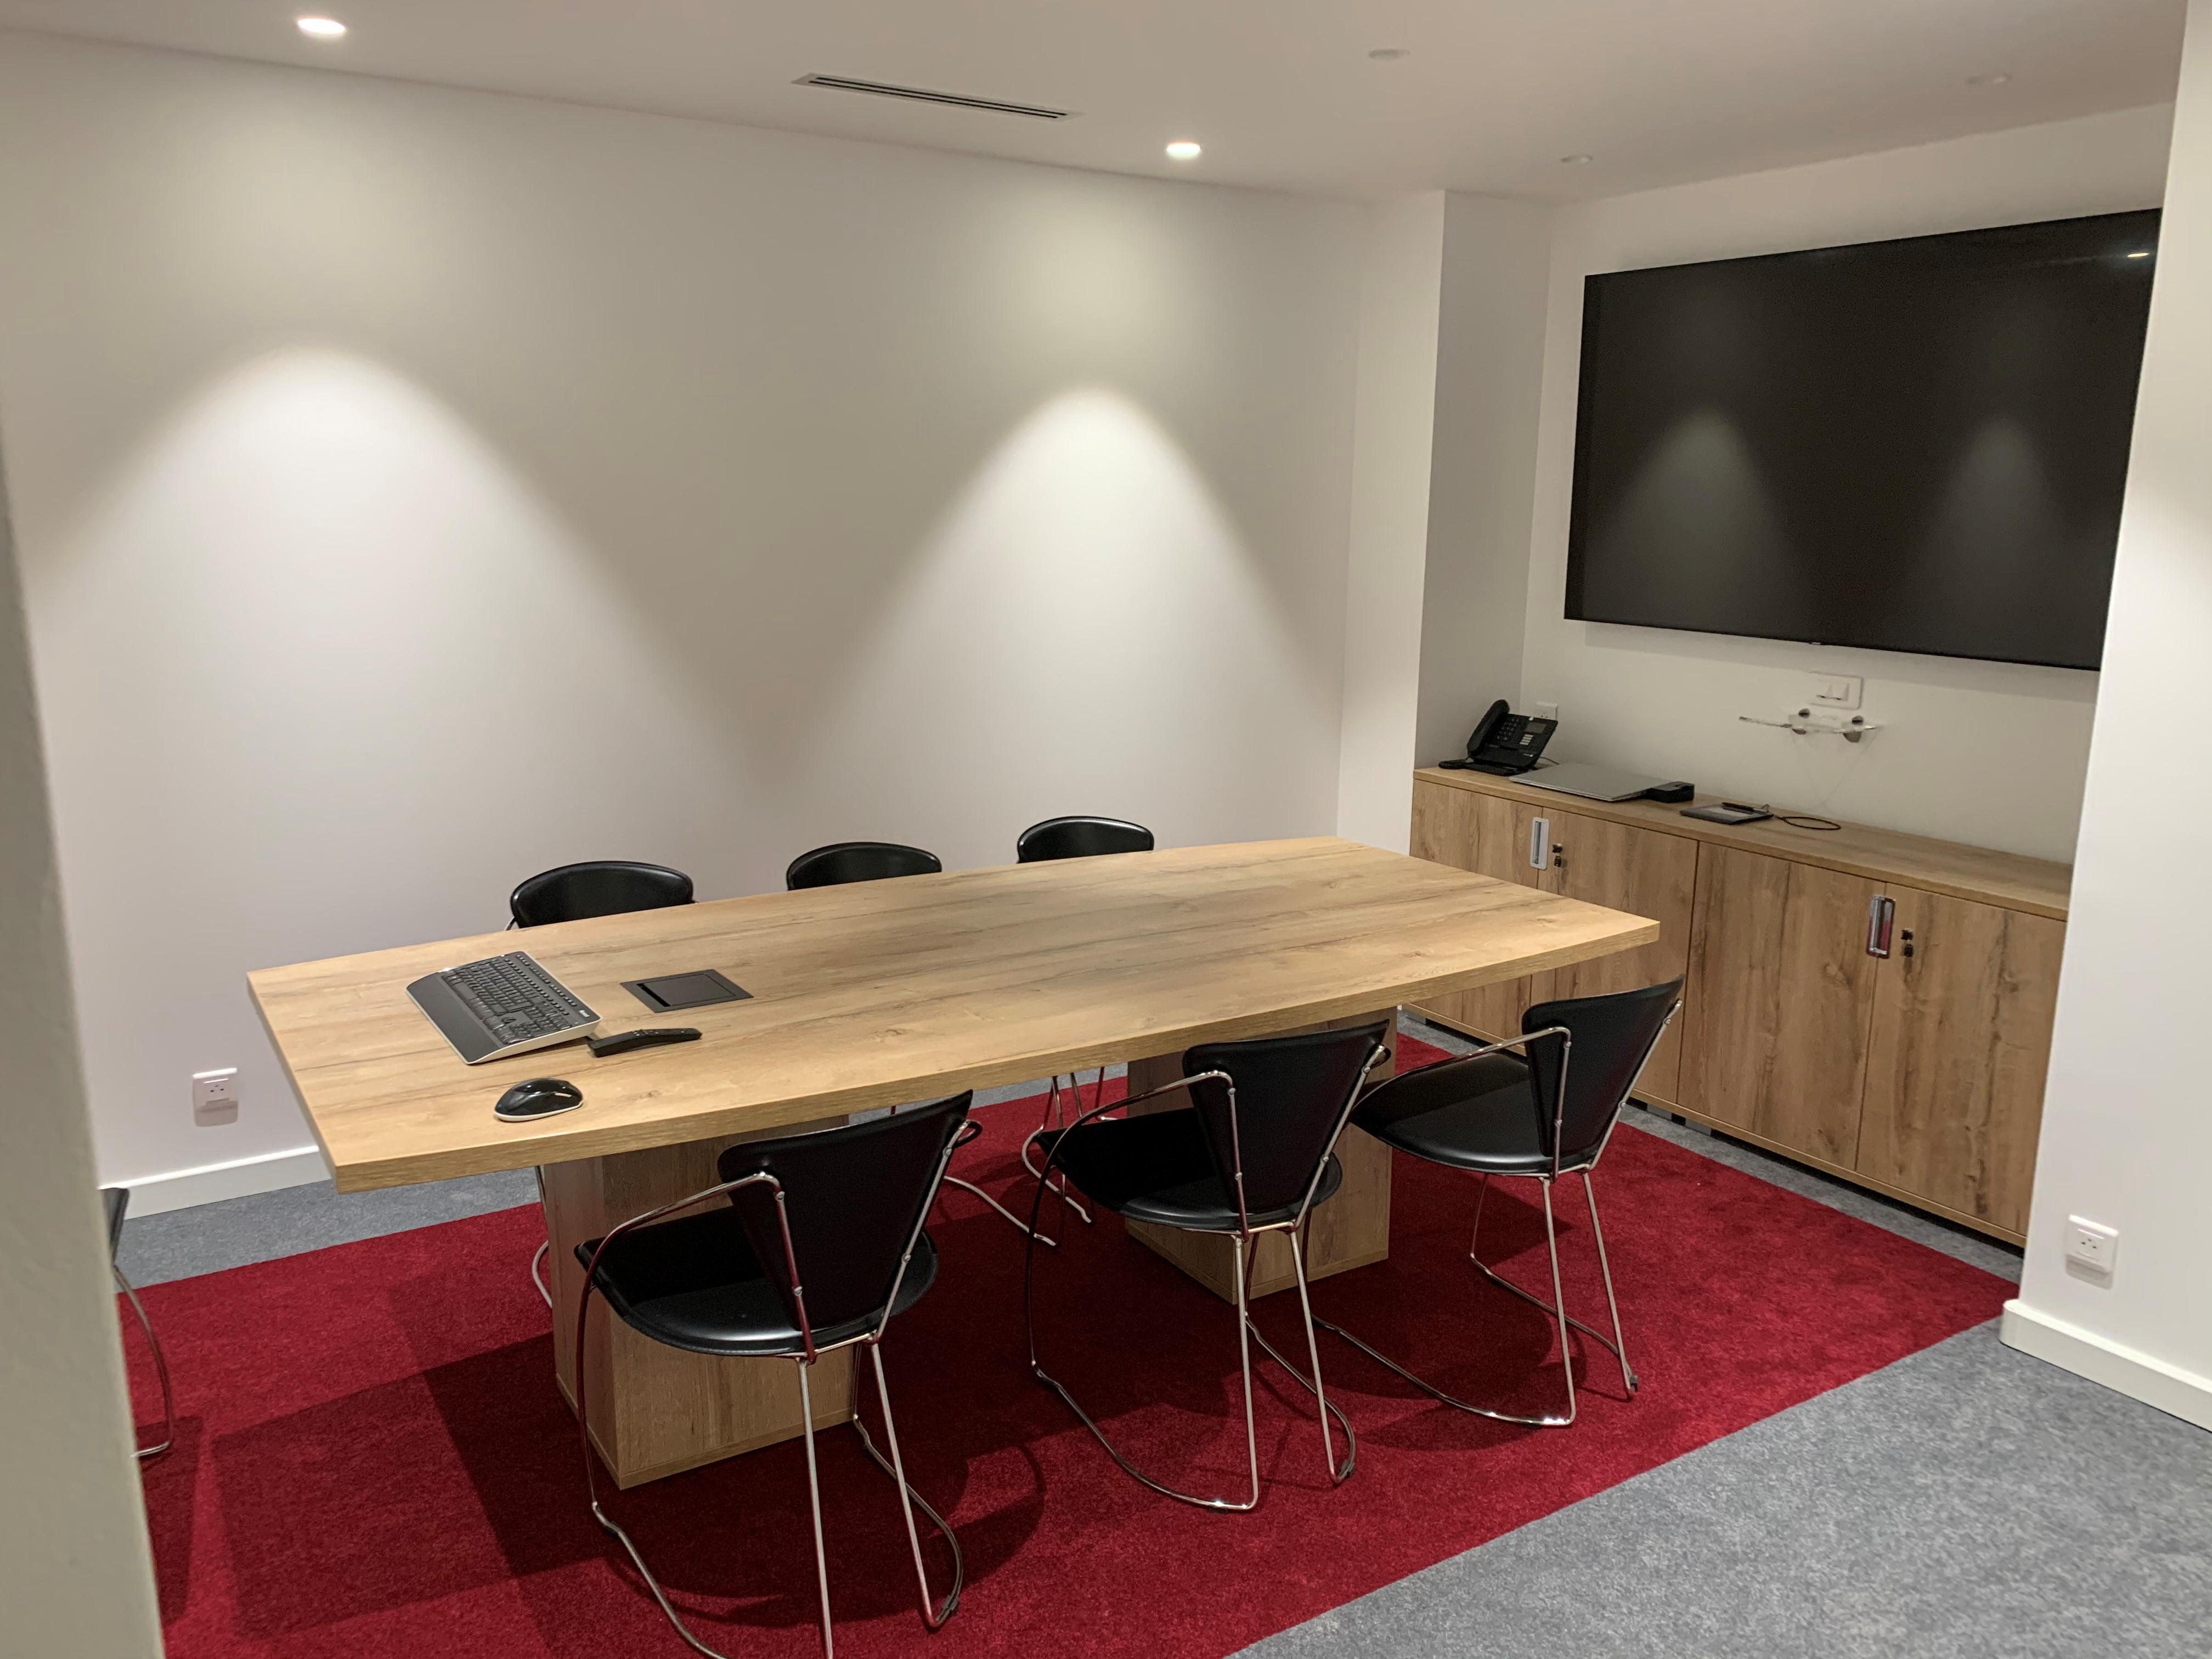 Fourniture de mobilier (table et armoire basse)